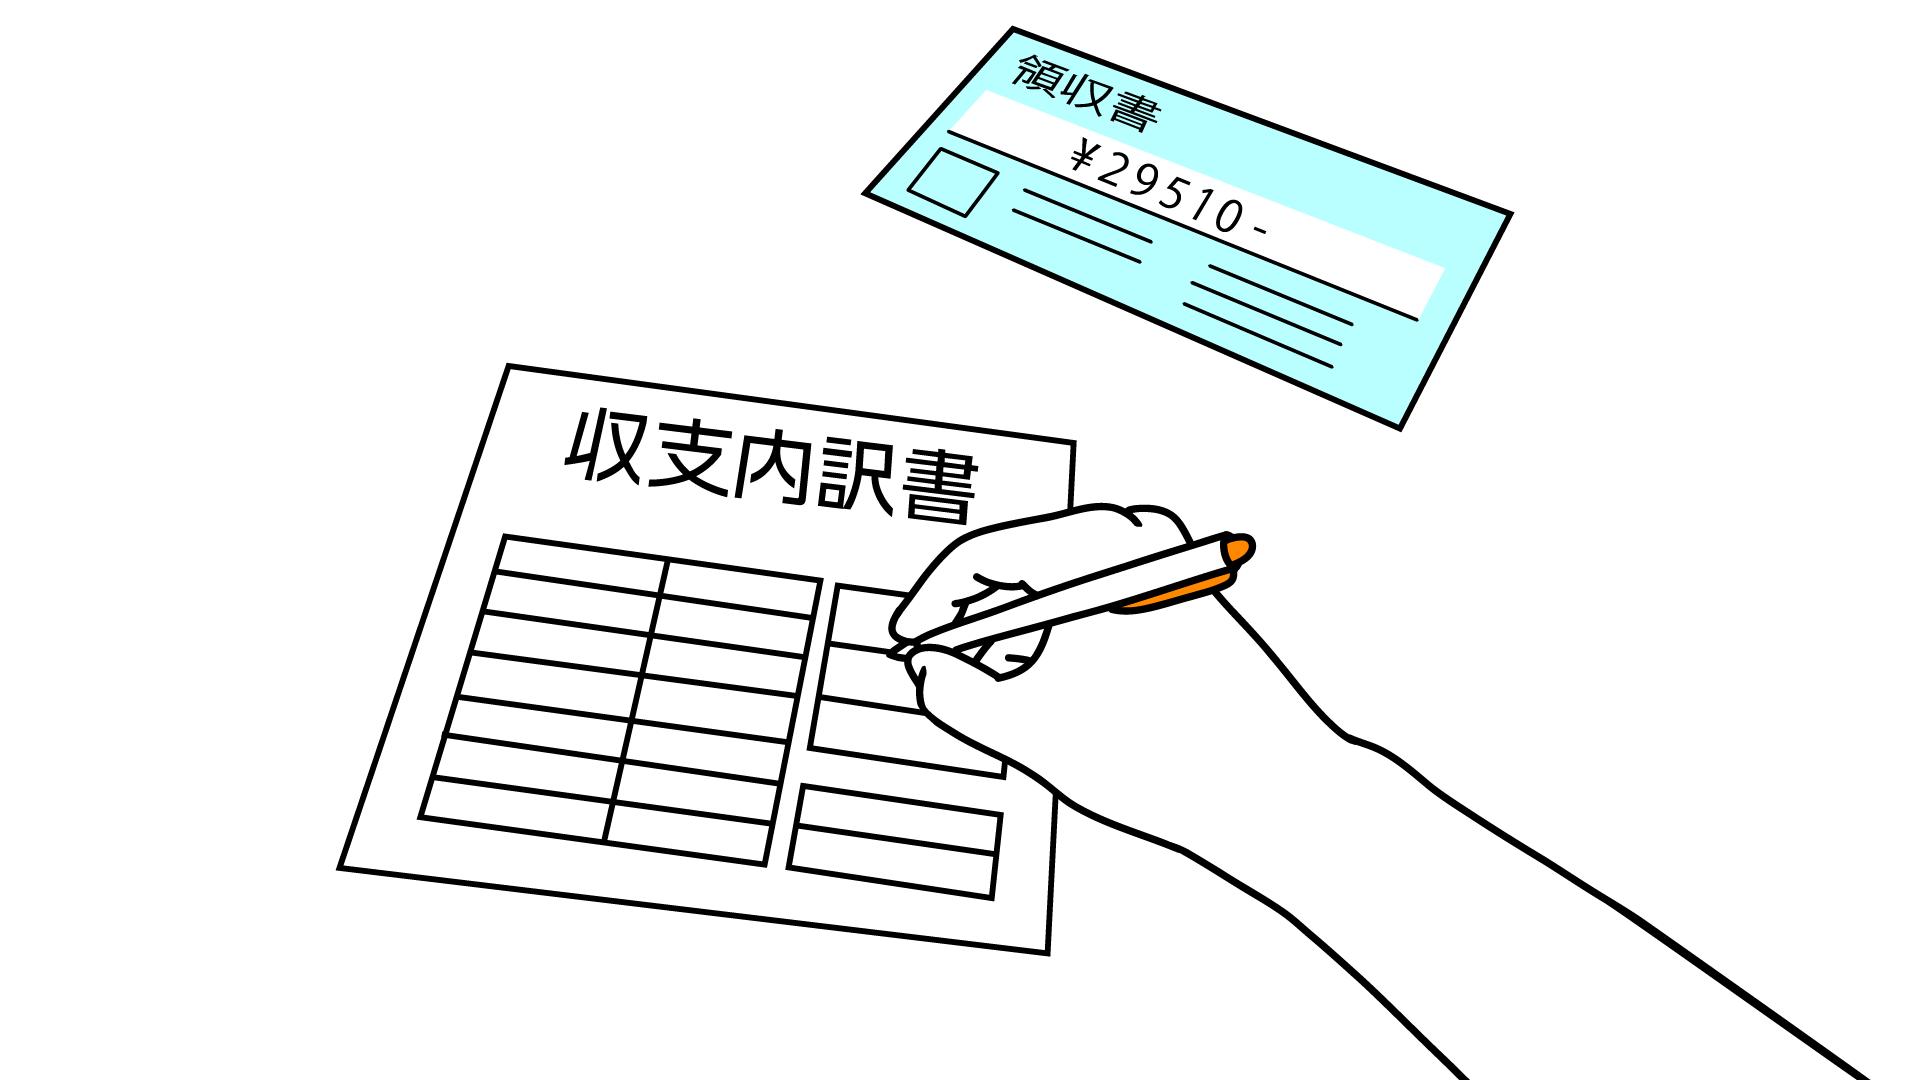 【 無申告は危険 】フリーランスなら税務調査について理解して自分を守れ!